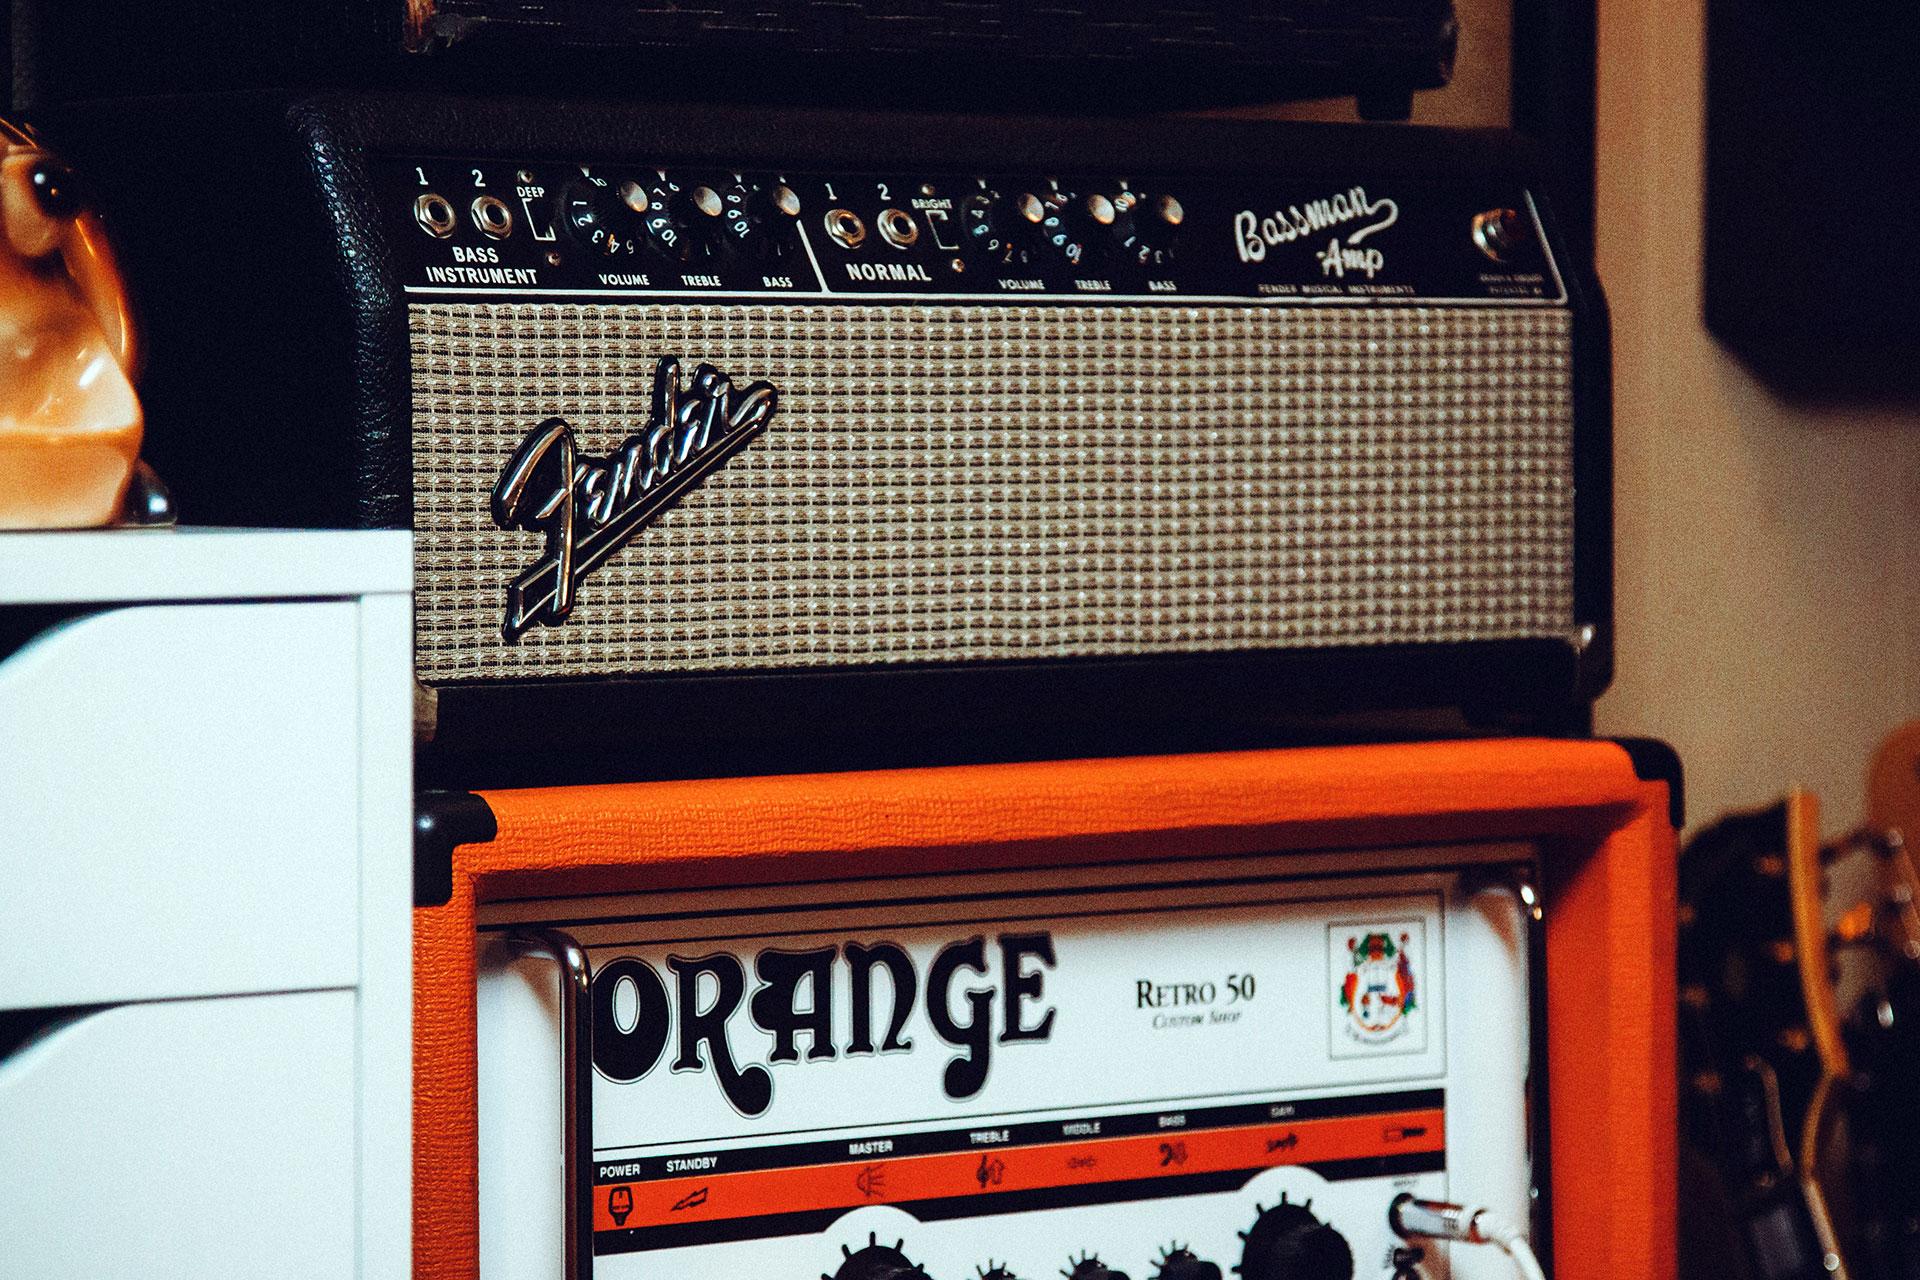 Fender Bassman Amp and Orange Retro 50